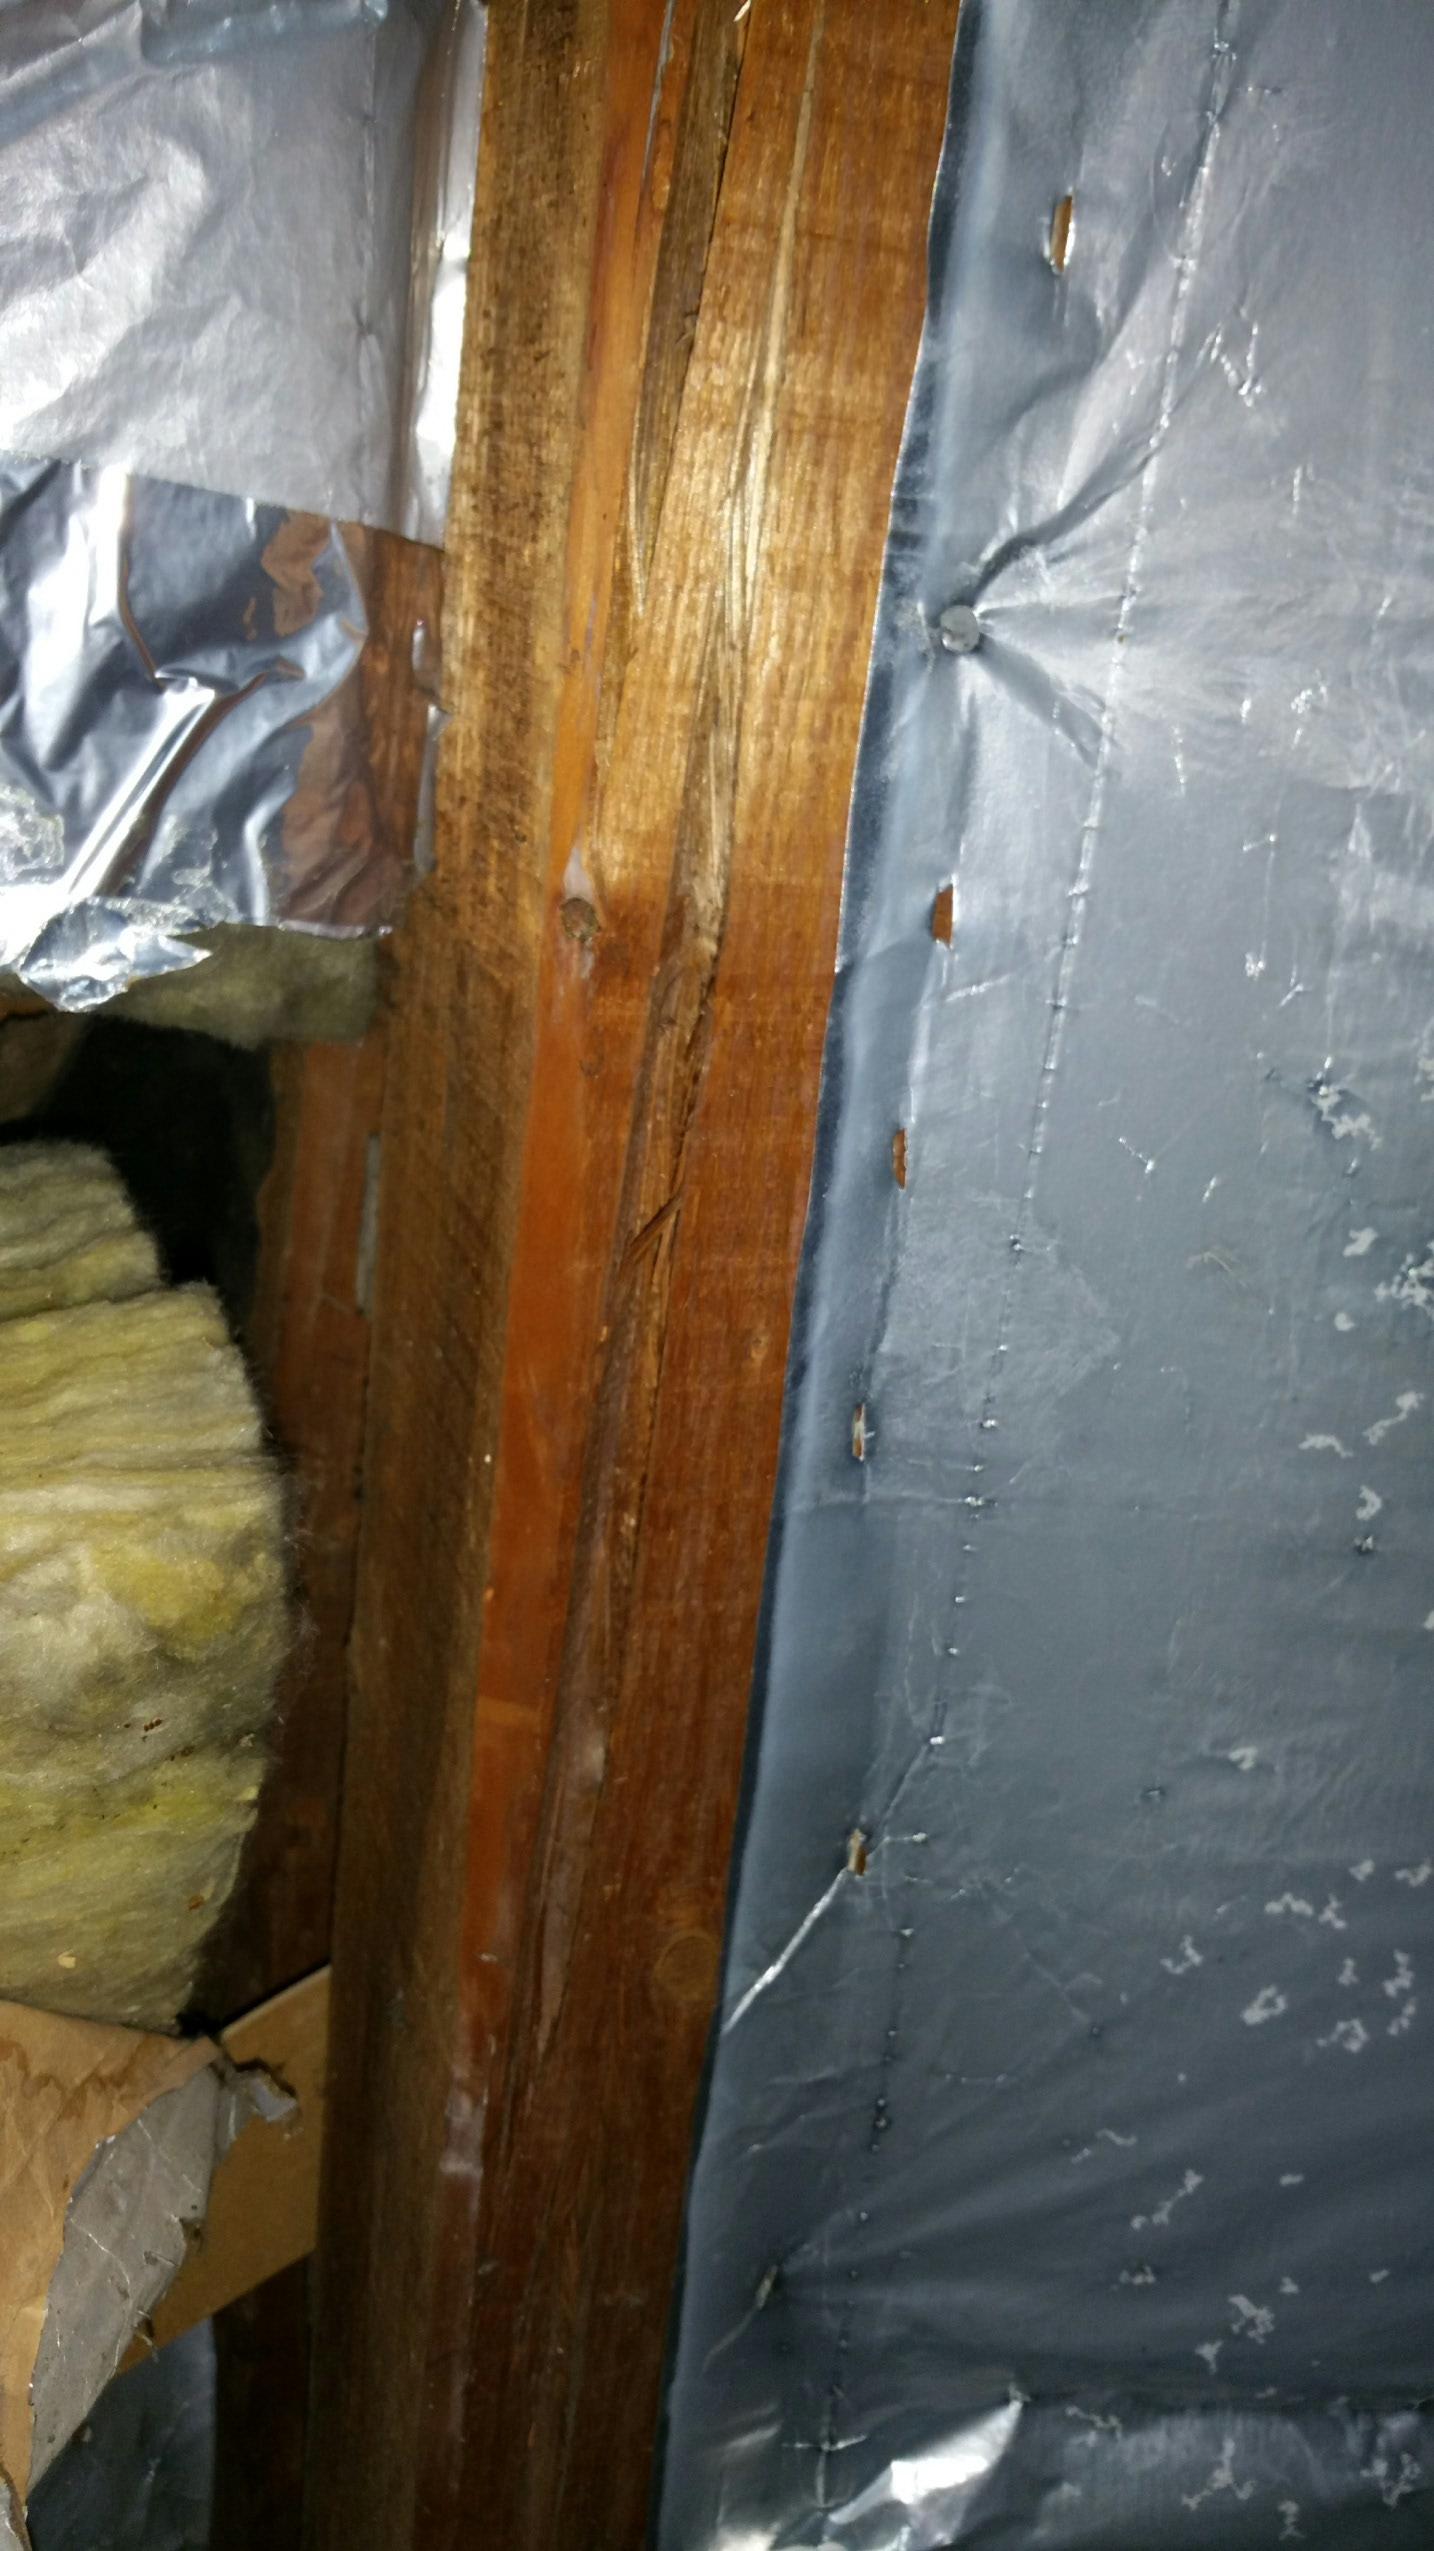 Risse In Holzbalken Auf Dem Dach Haus Riss Dachstuhl